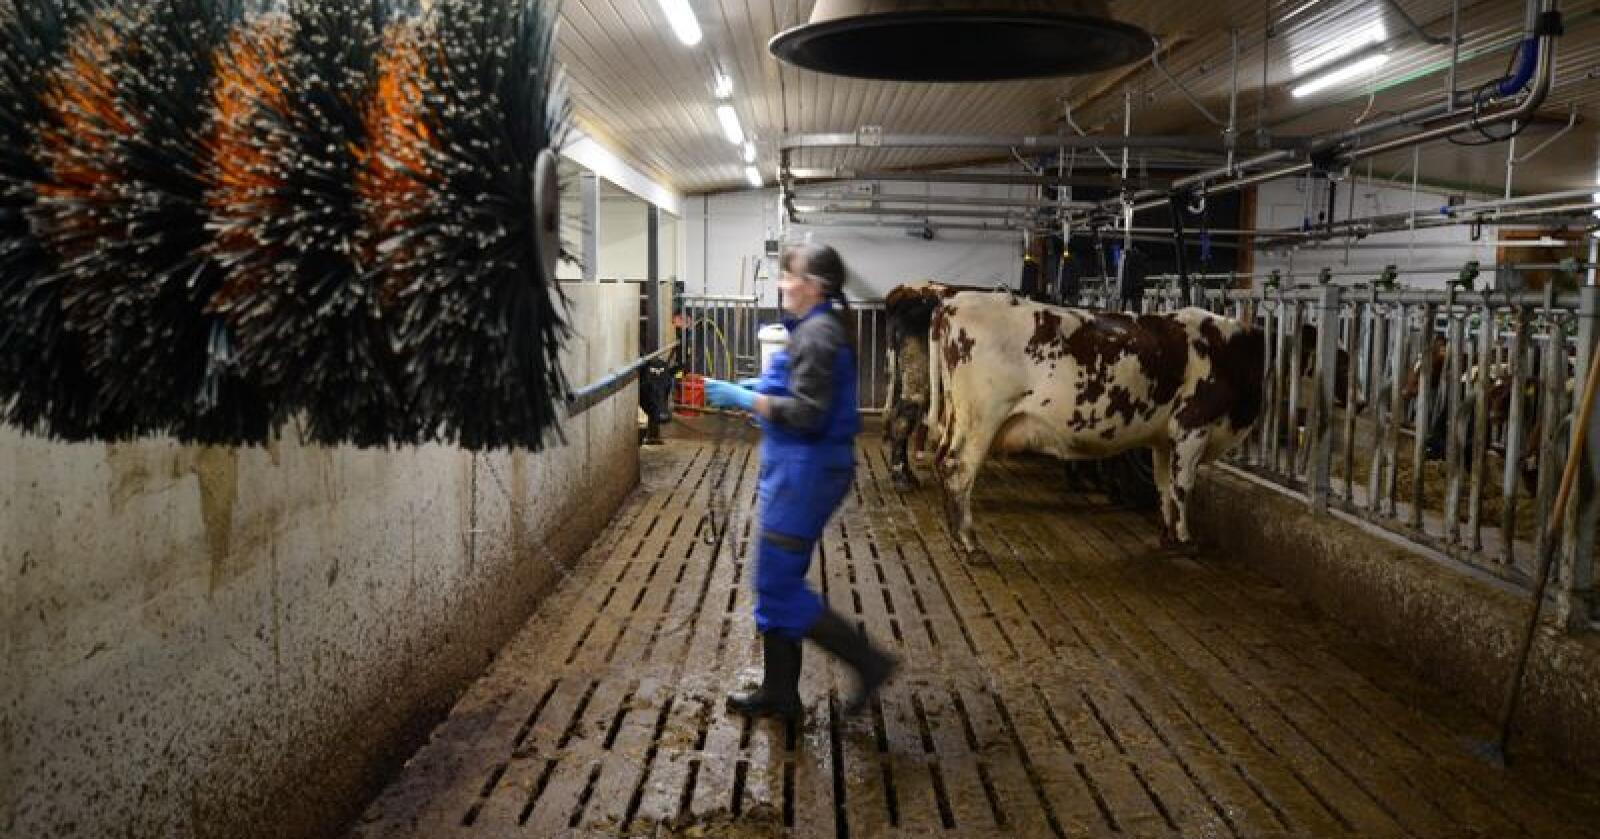 Hedmark, Rogaland og Agder tilbys best pris av alle kvoteregioner, når den ekstraordinære oppkjøpsordningen settes i gang fra nyttår. Illustrasjonsfoto: Liv Jorunn Denstadli Sagmo